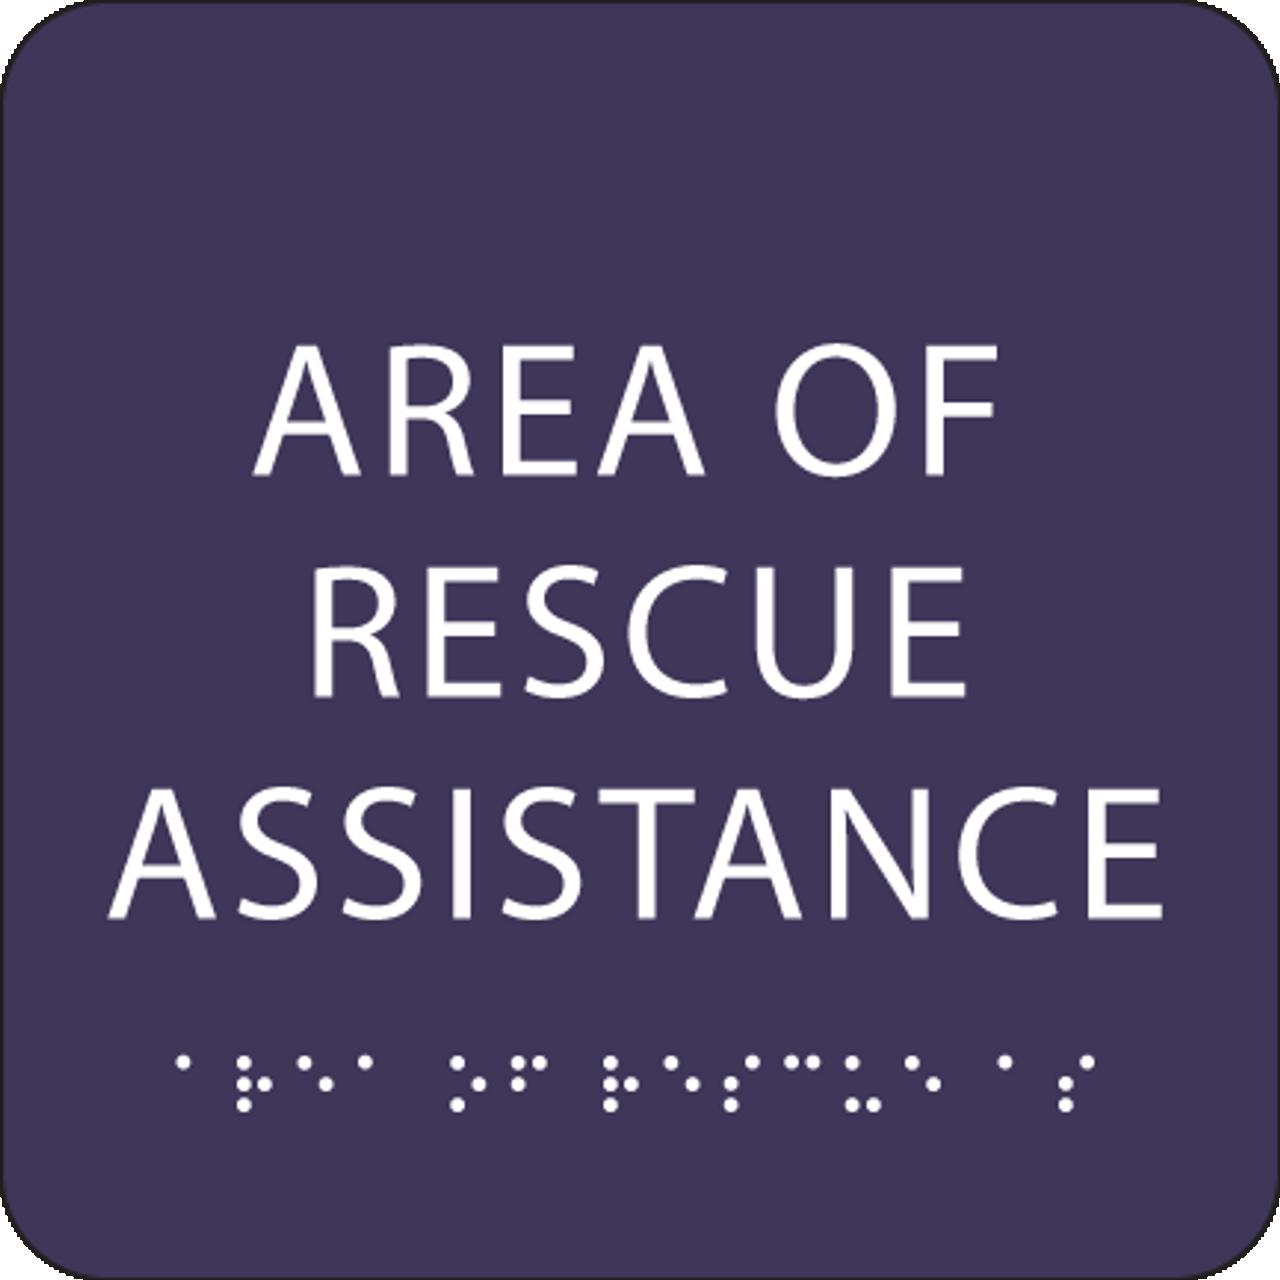 Purple Area of Rescue Assistance ADA Sign